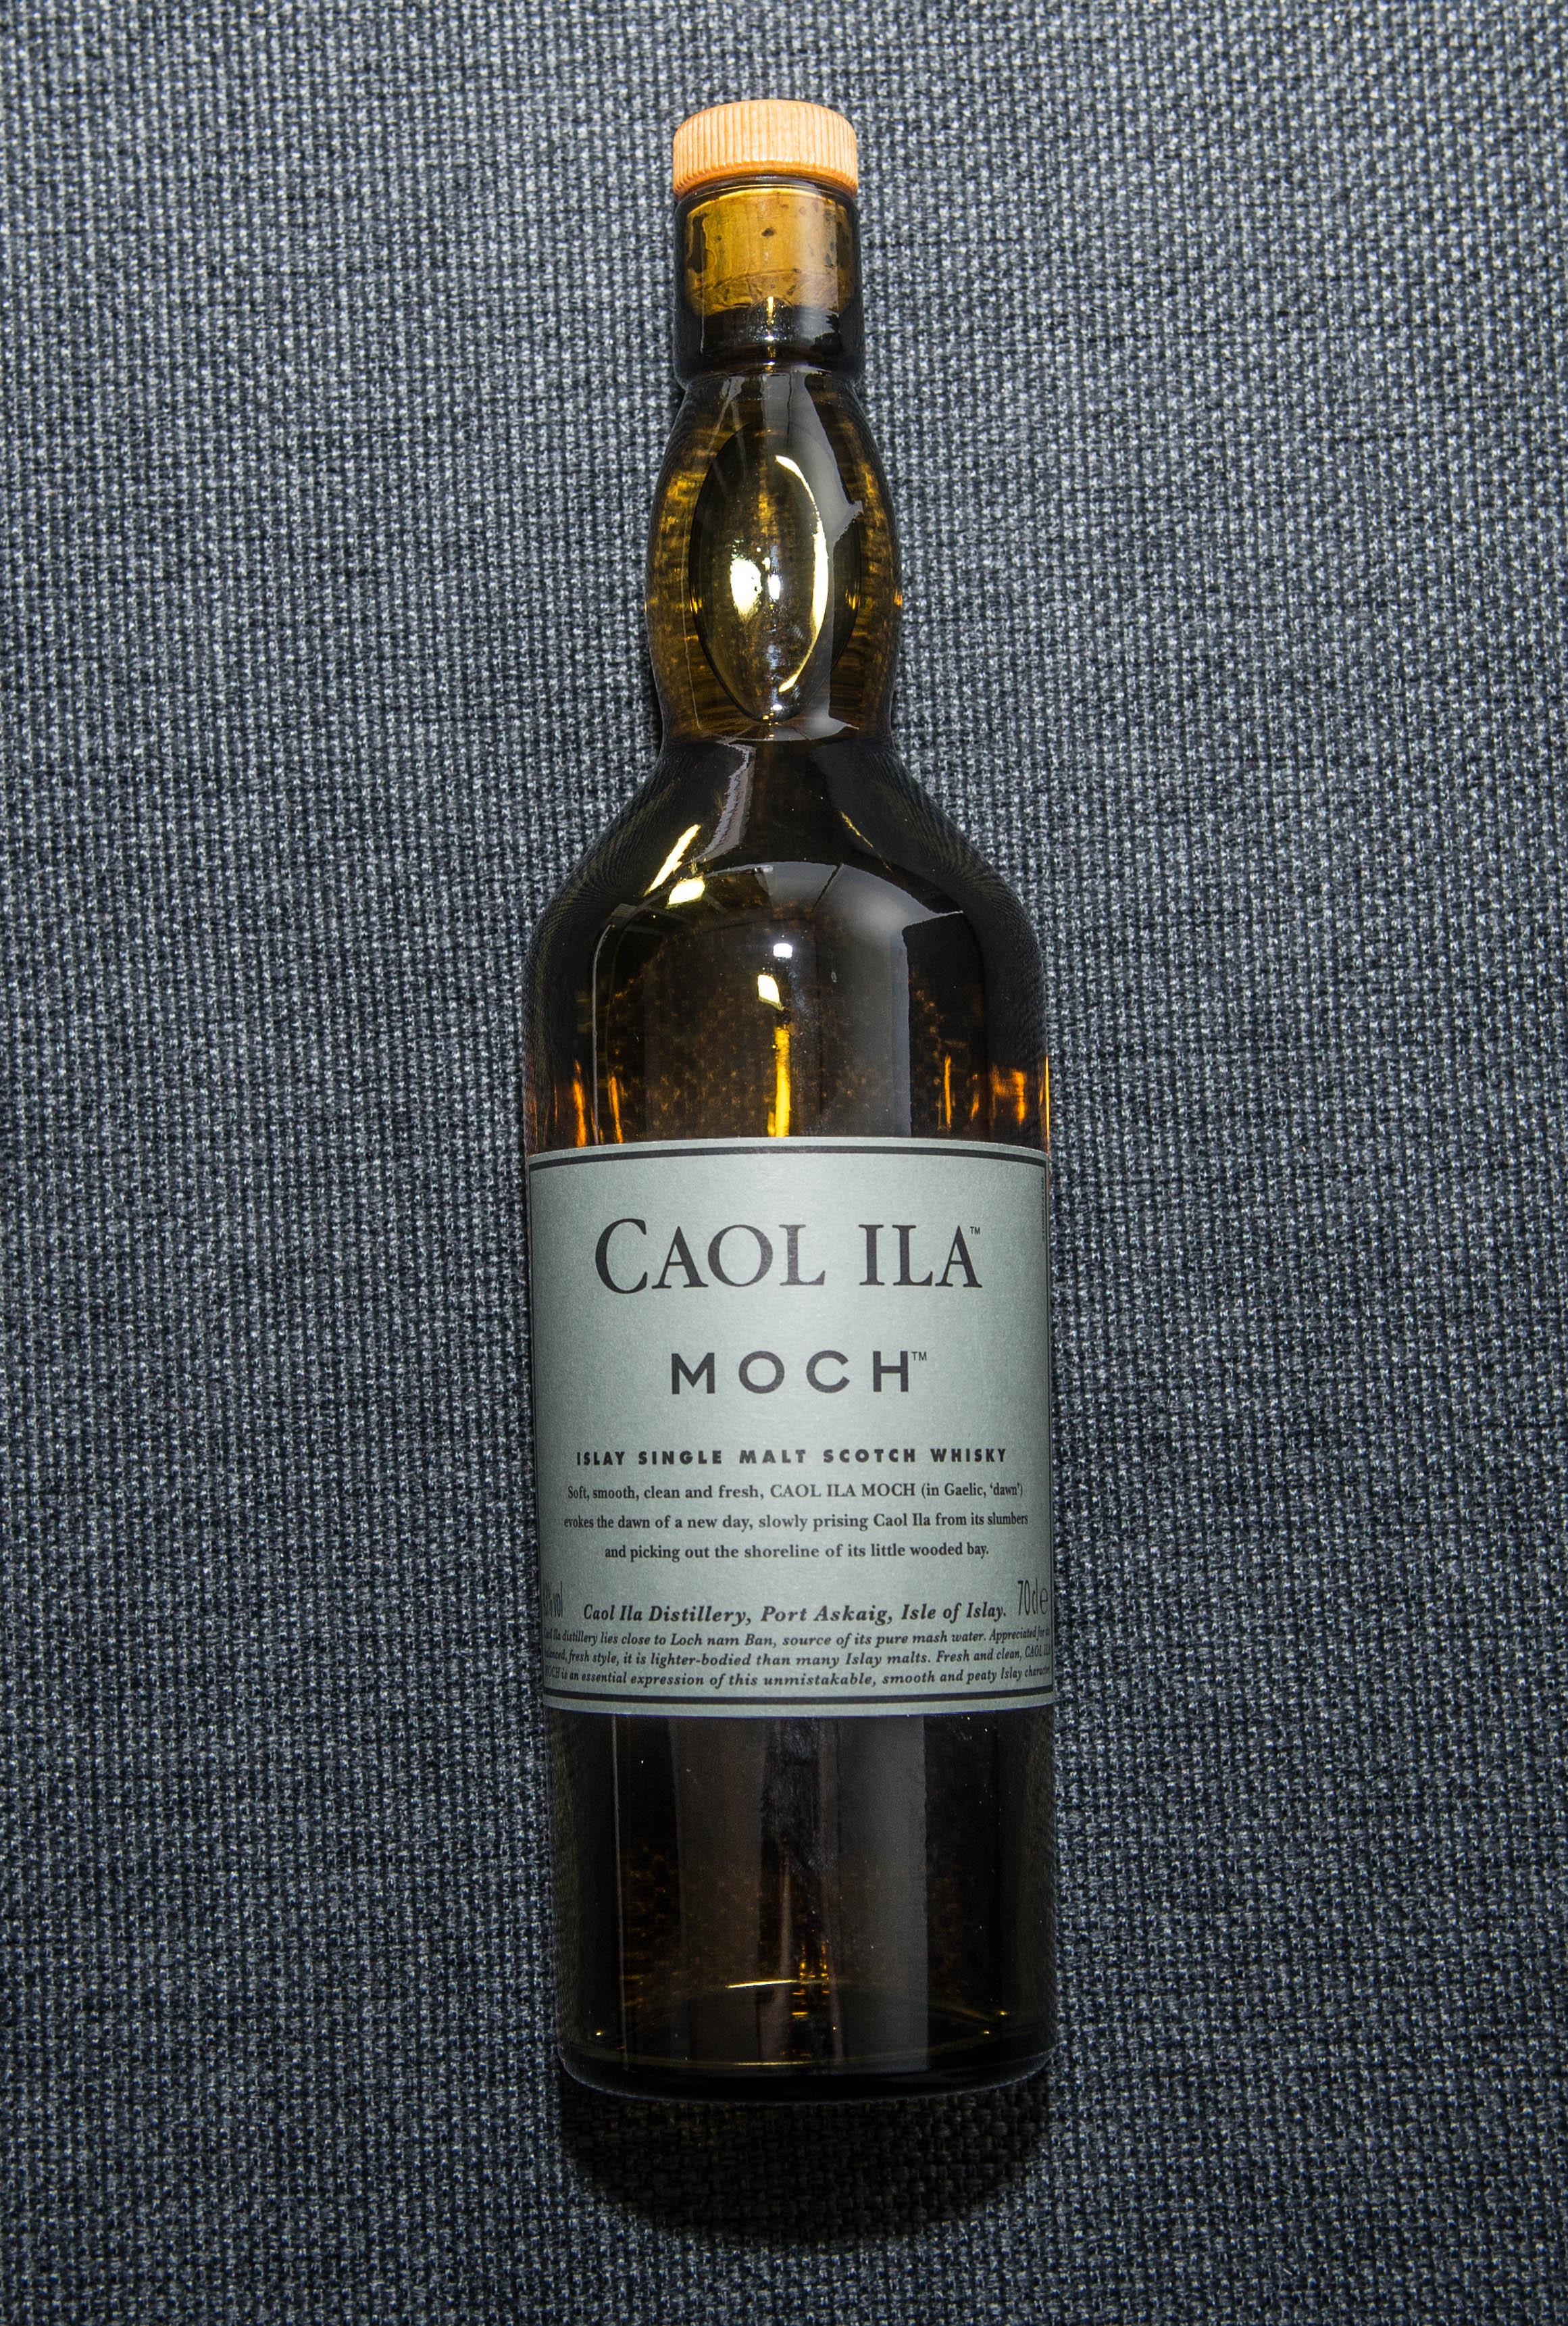 Caol Ila - Moch - Skotsk Taake